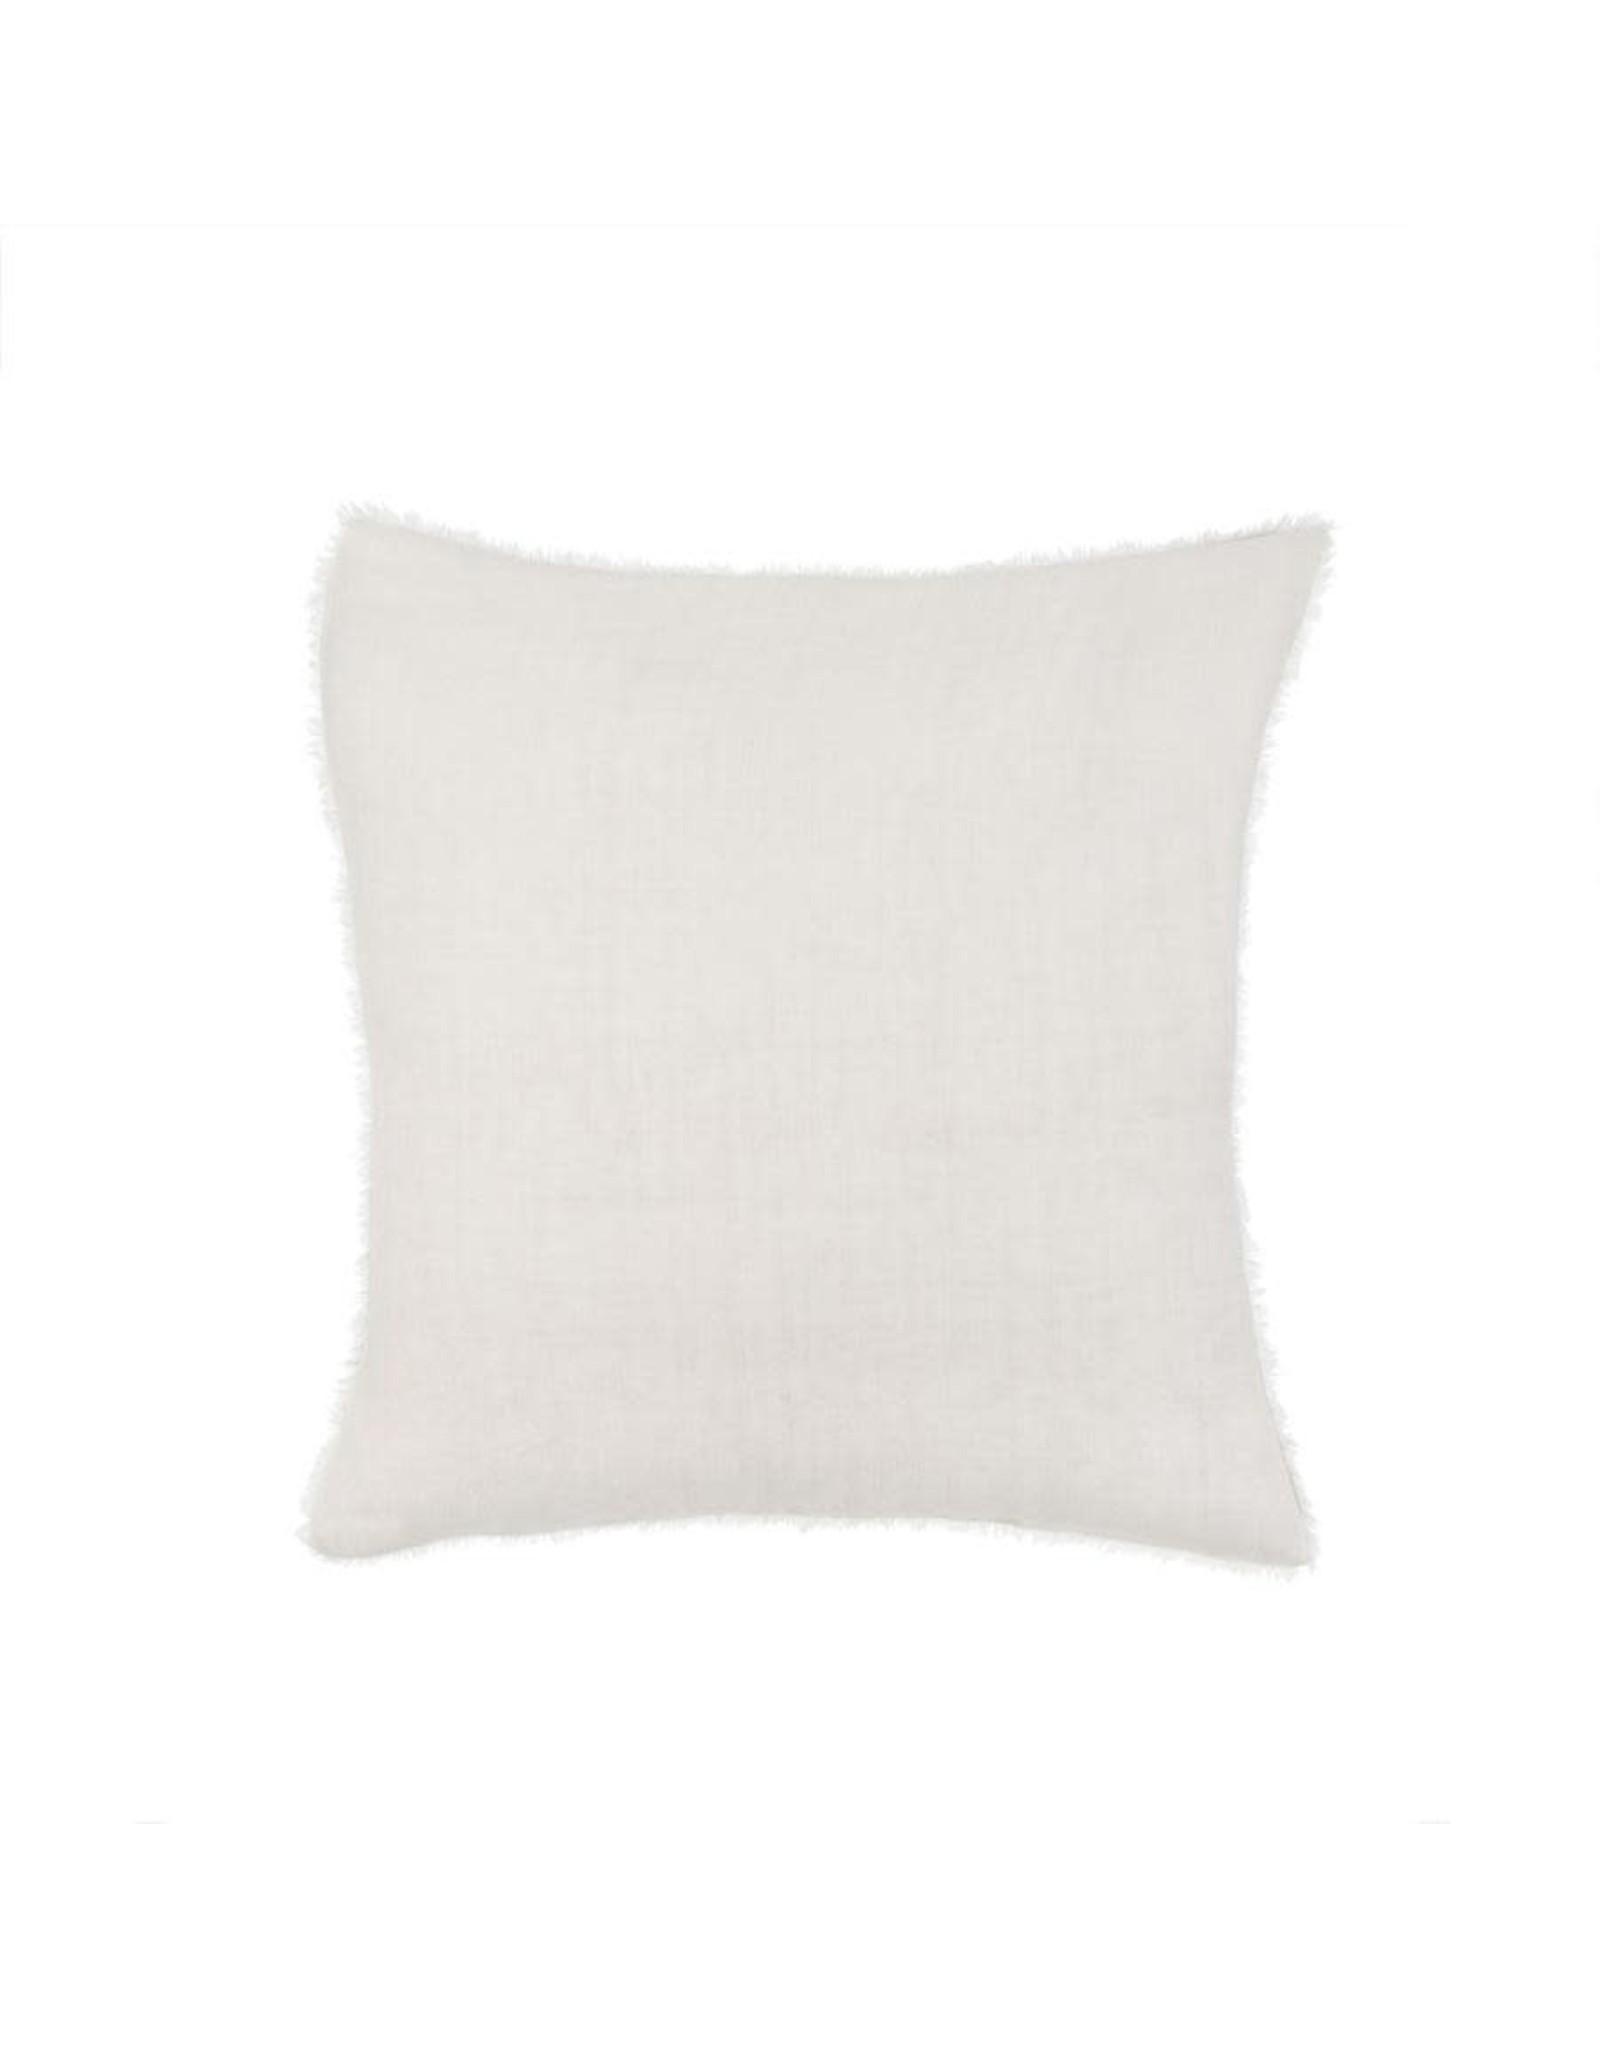 24x24 Lina Linen Pillow, Natural